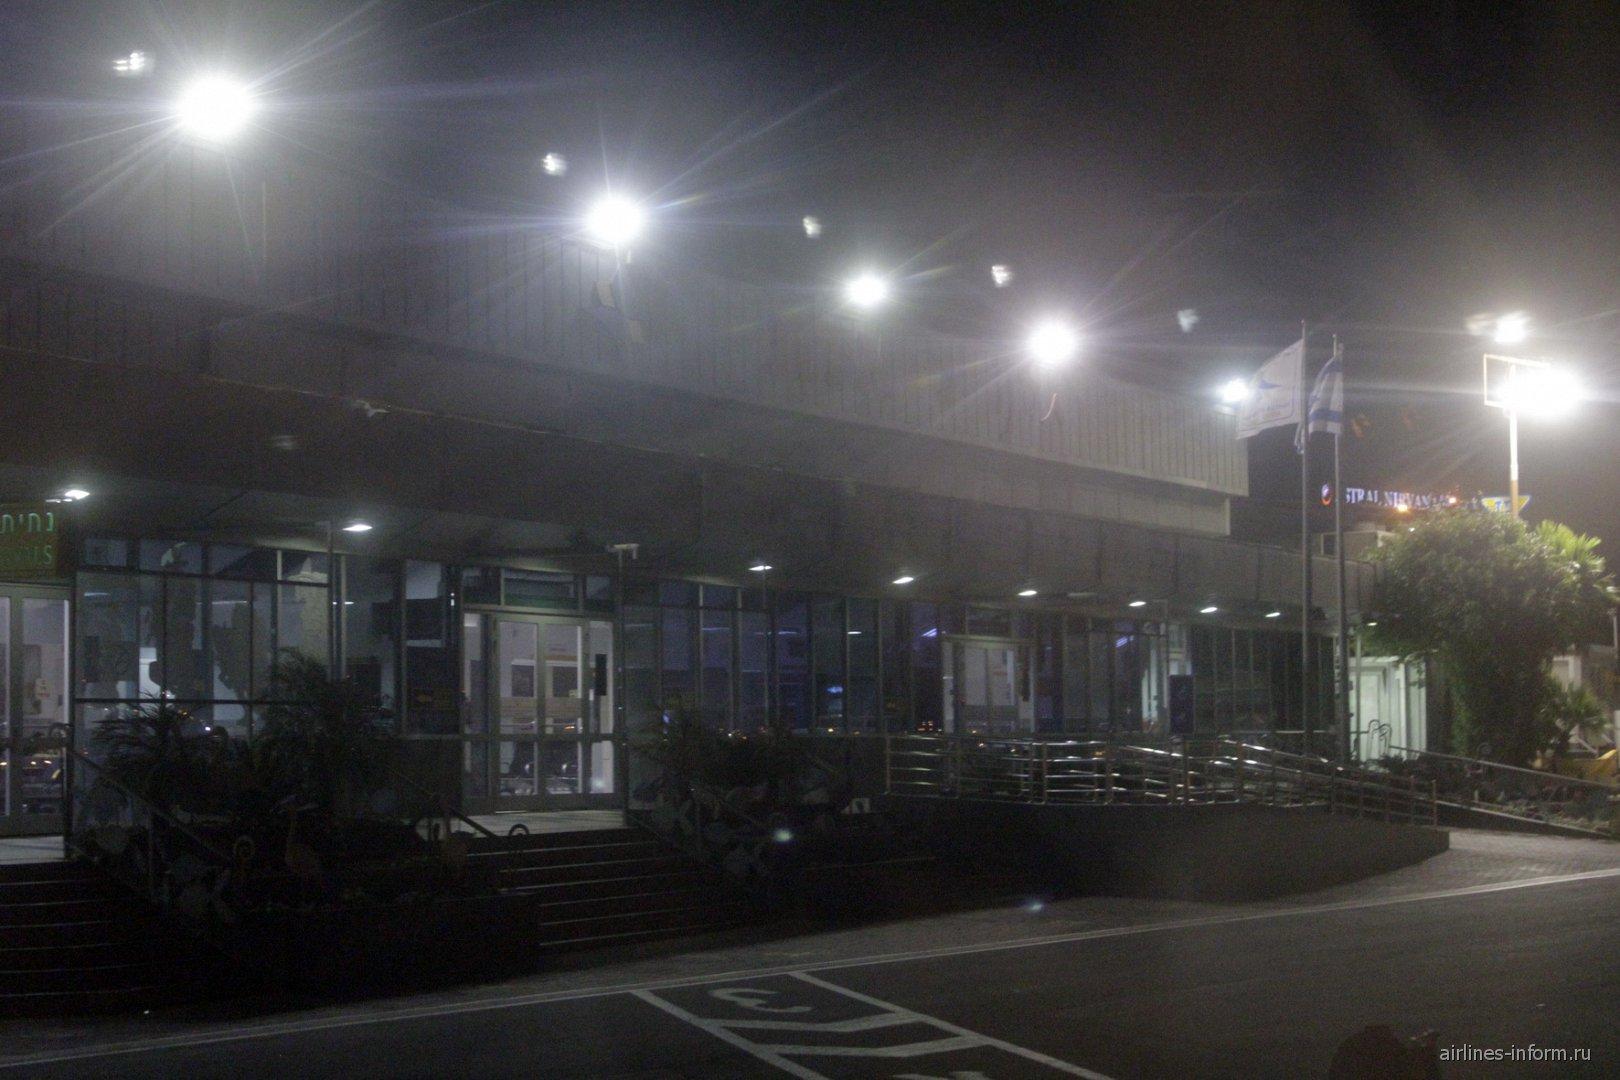 Пассажирский терминал аэропорта Эйлат